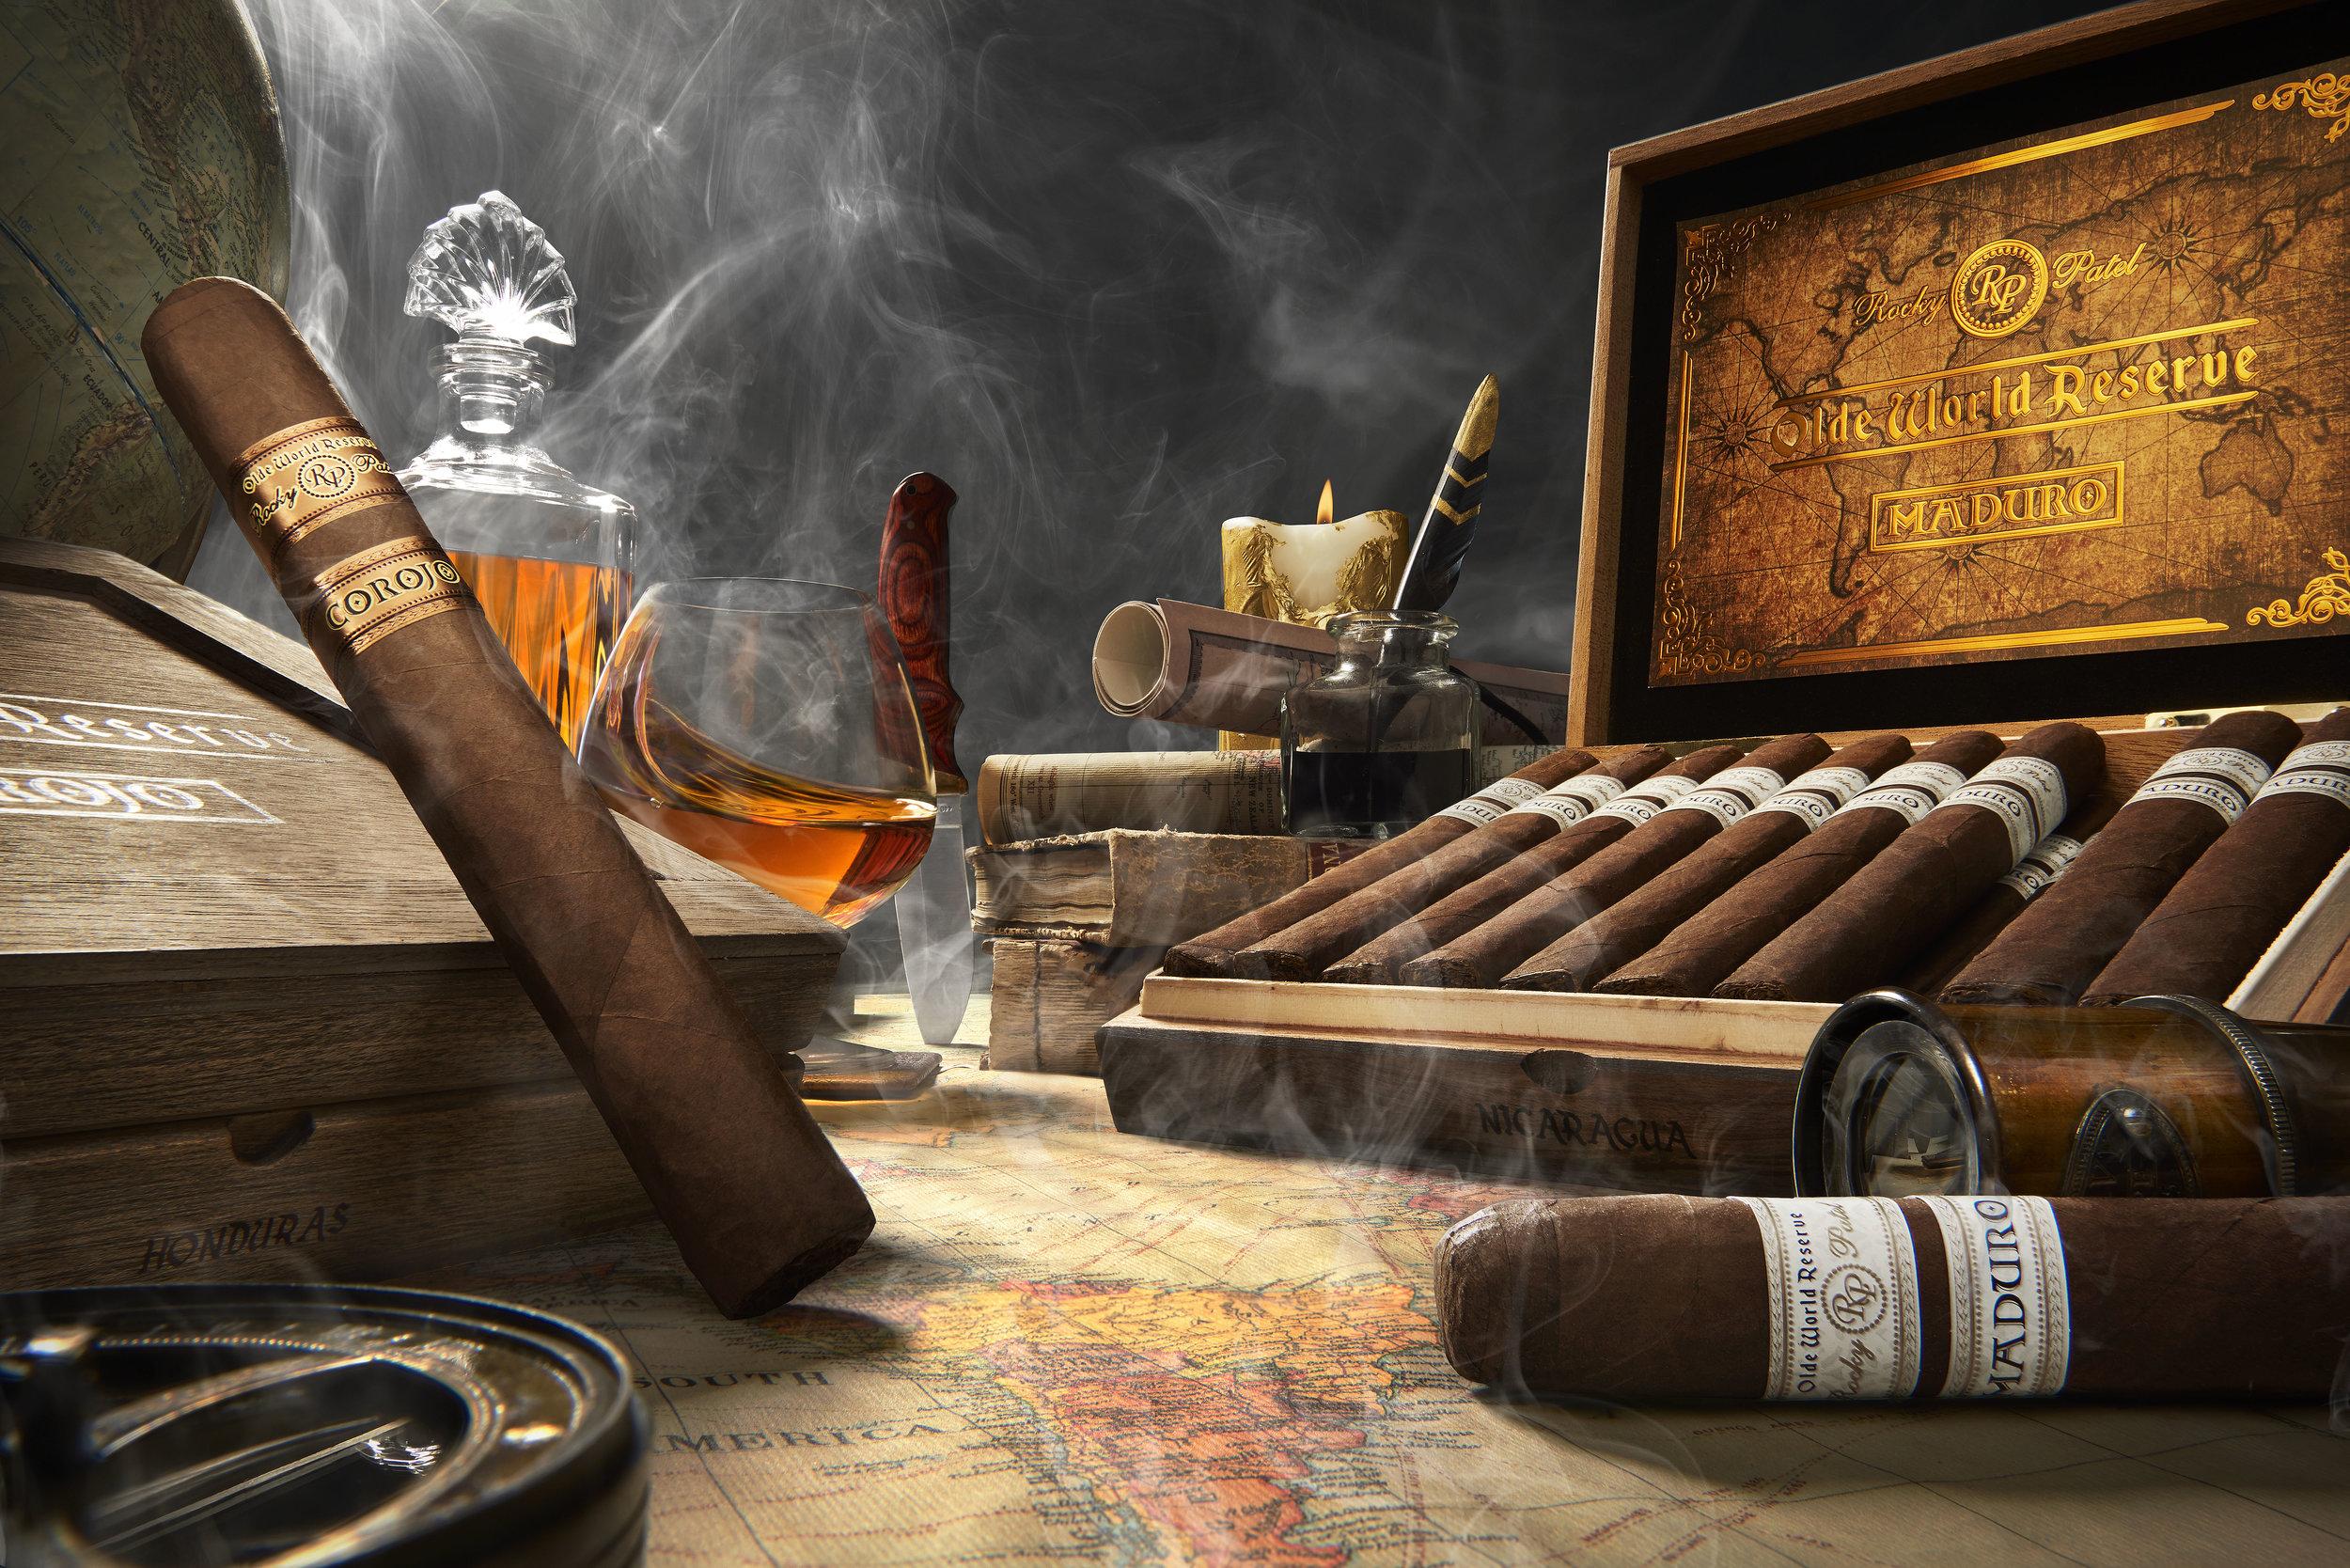 ROCKY PATEL CIGARS -